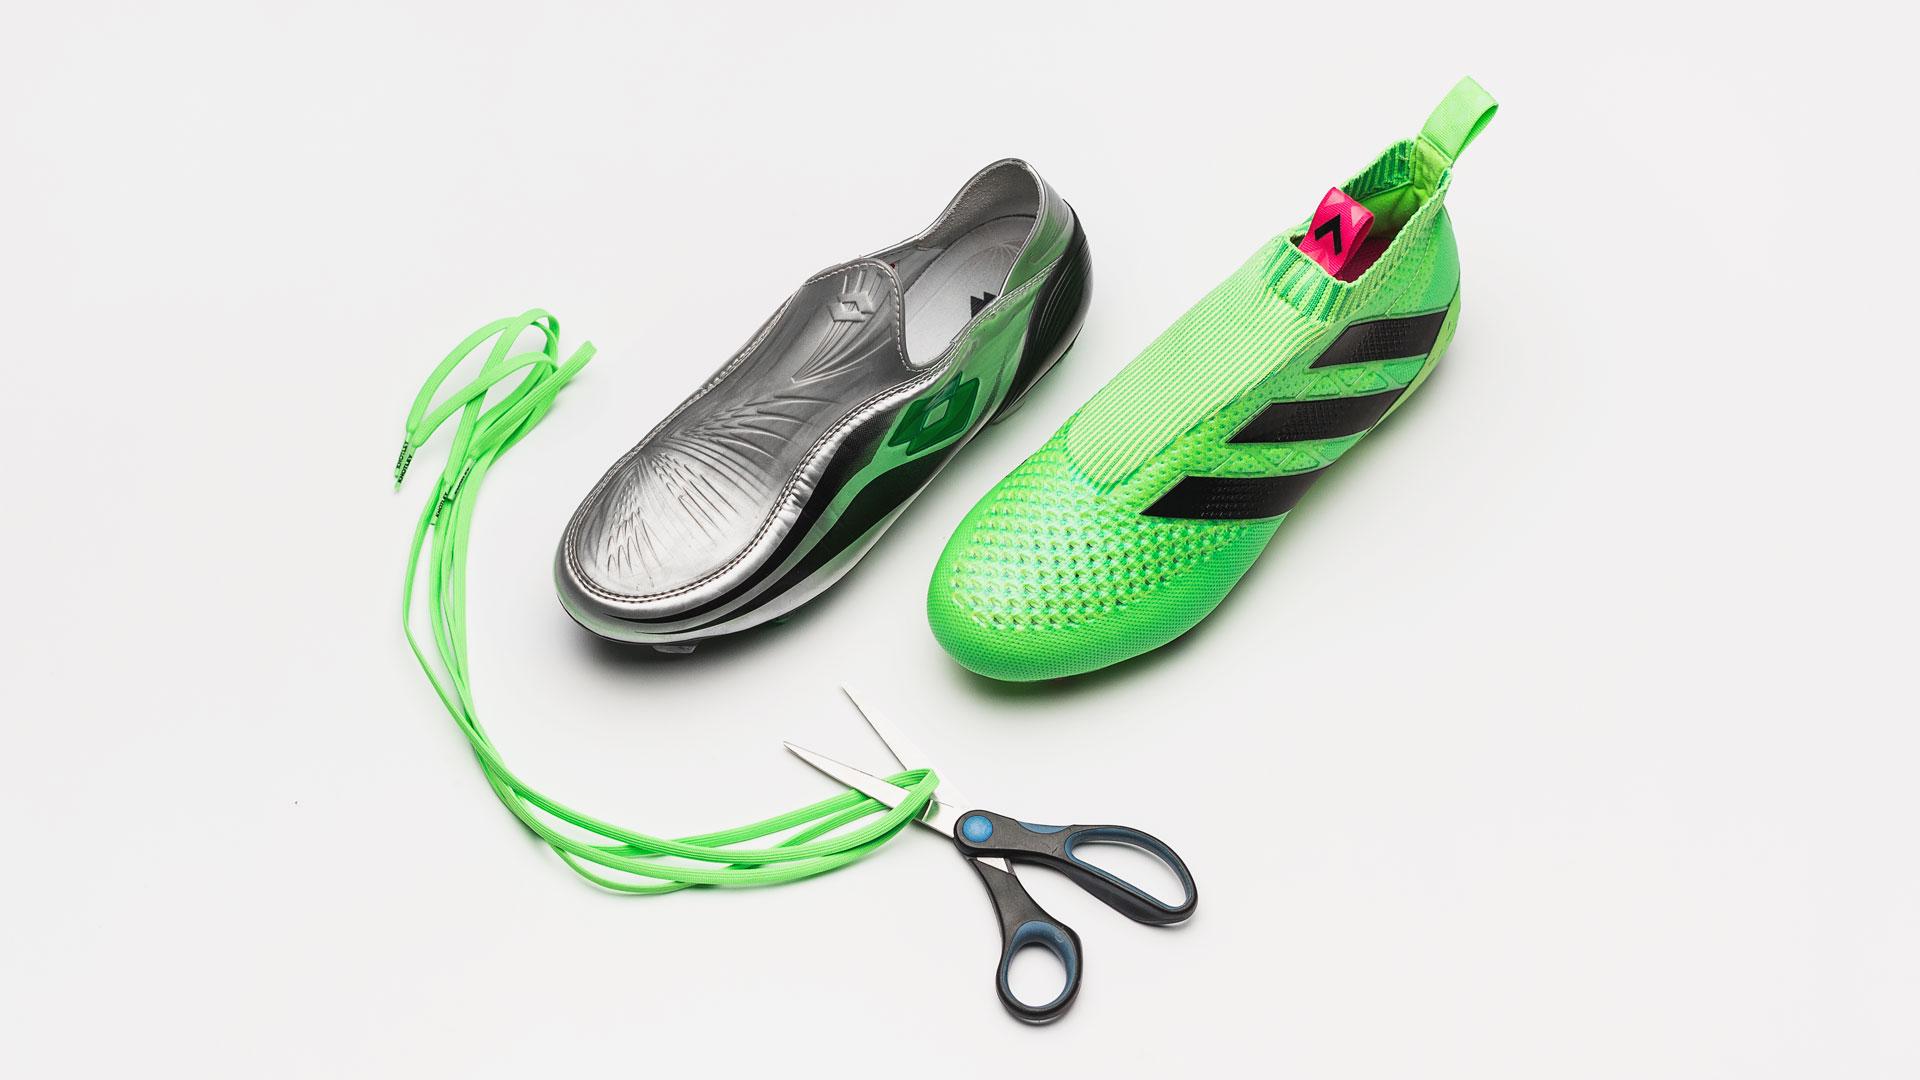 Schuhe Ohne Schnursenkel Lotto Zhero Gravity Und Adidas